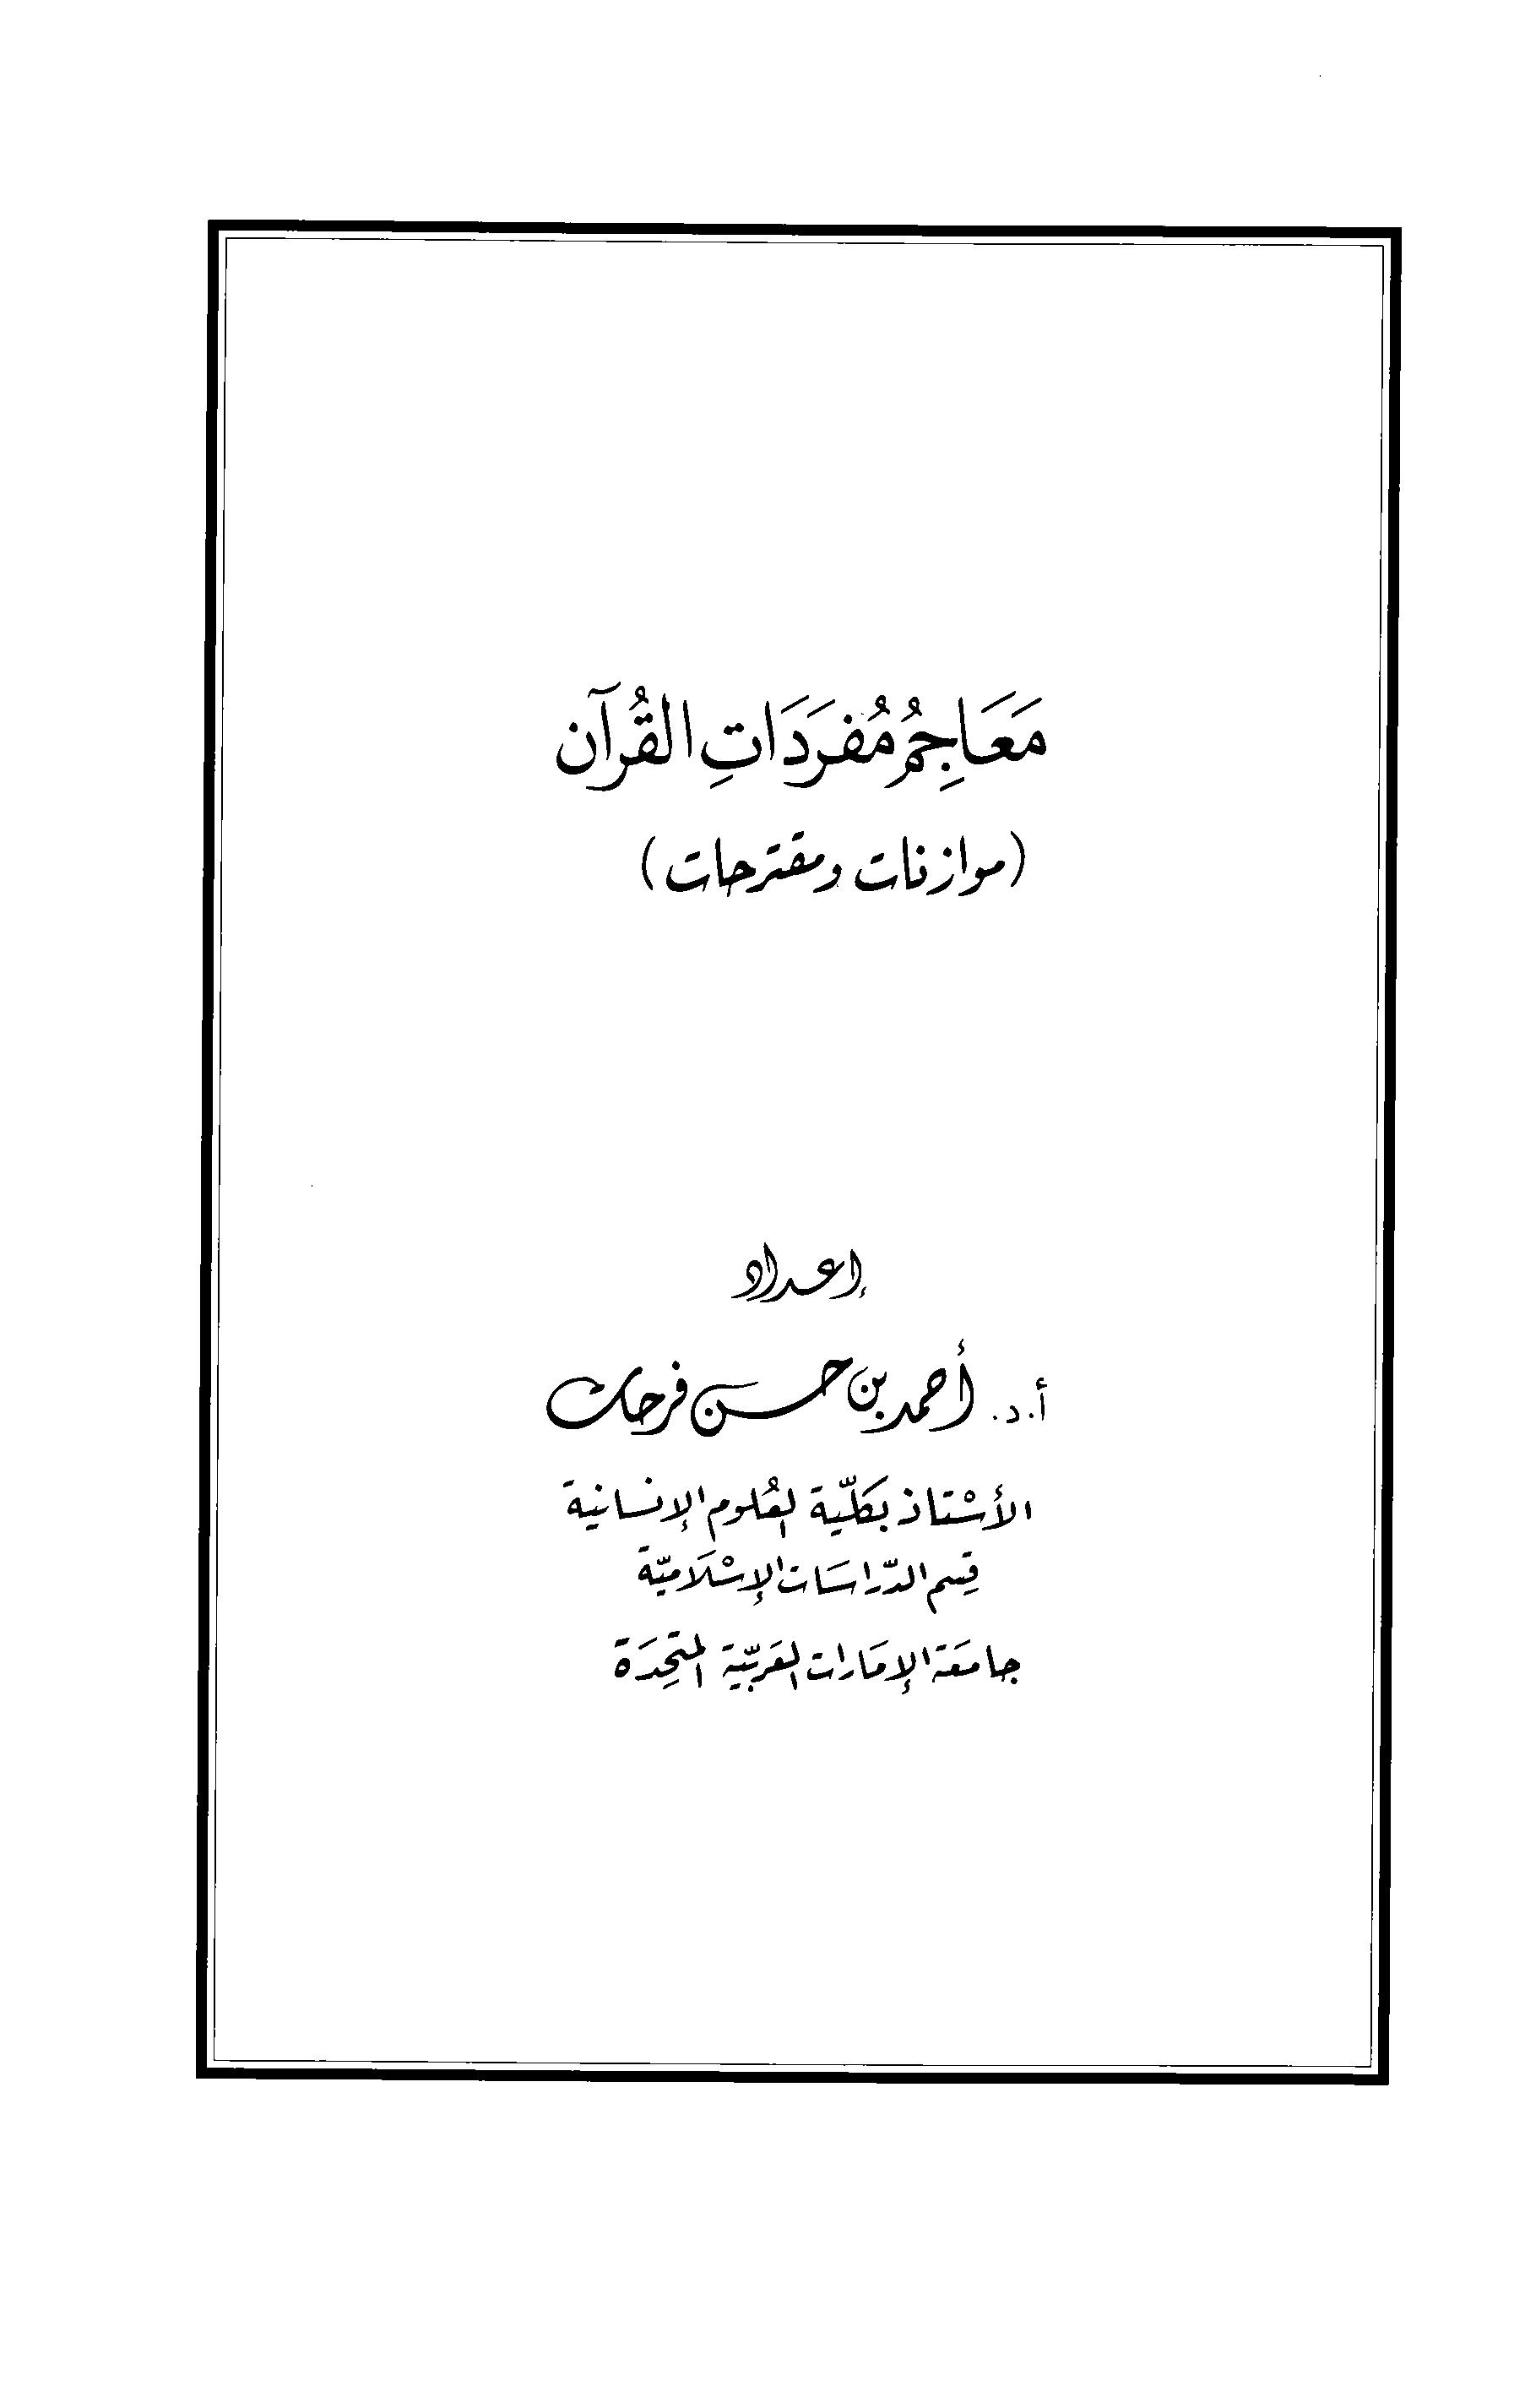 تحميل كتاب معاجم مفردات القرآن (موازنات ومقترحات) لـِ: الدكتور أحمد بن حسن فرحات